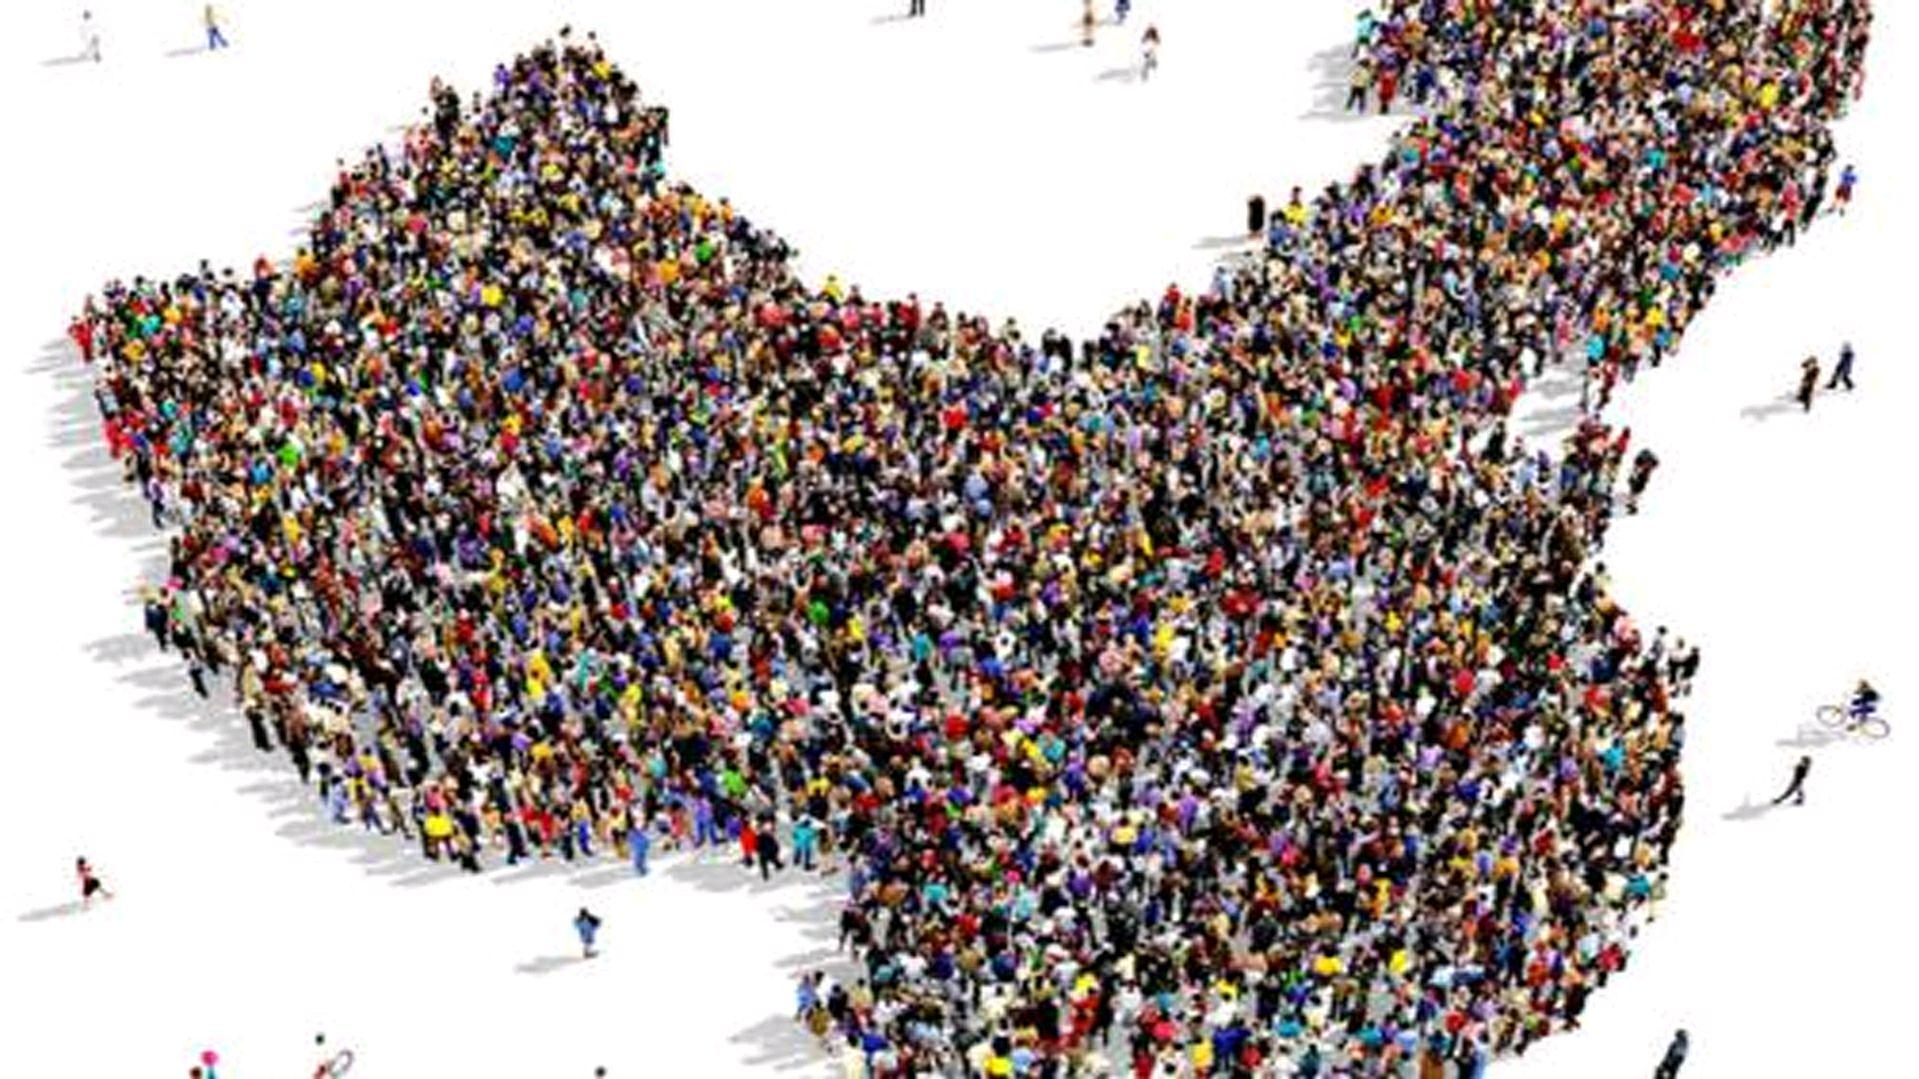 2020年第七次人口普查,不知道会有多少人,盘点人口最多的20个县